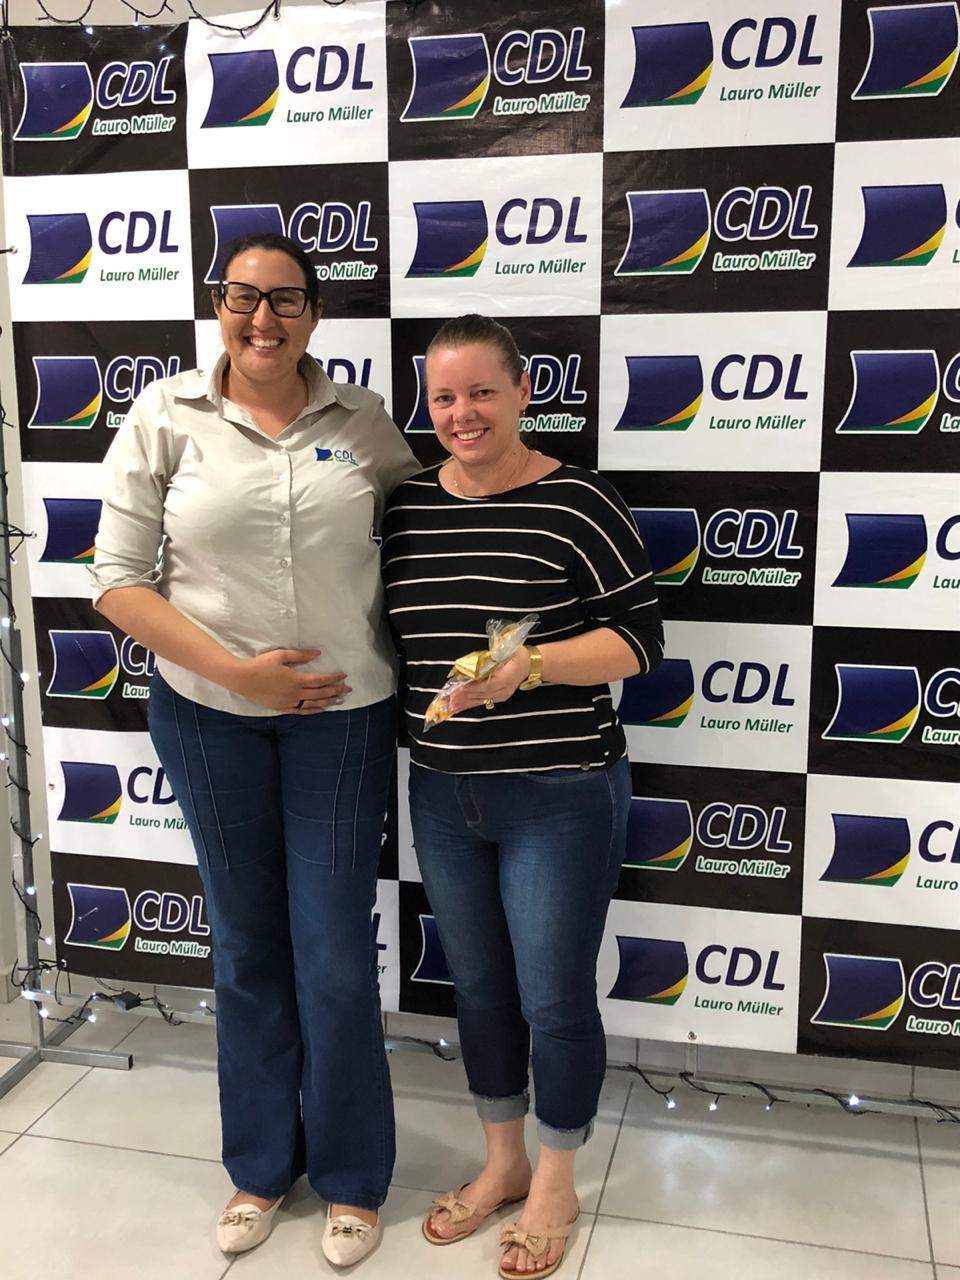 CDL premia ações de sensibilização ambiental em escolas municipais de Lauro Müller (14)